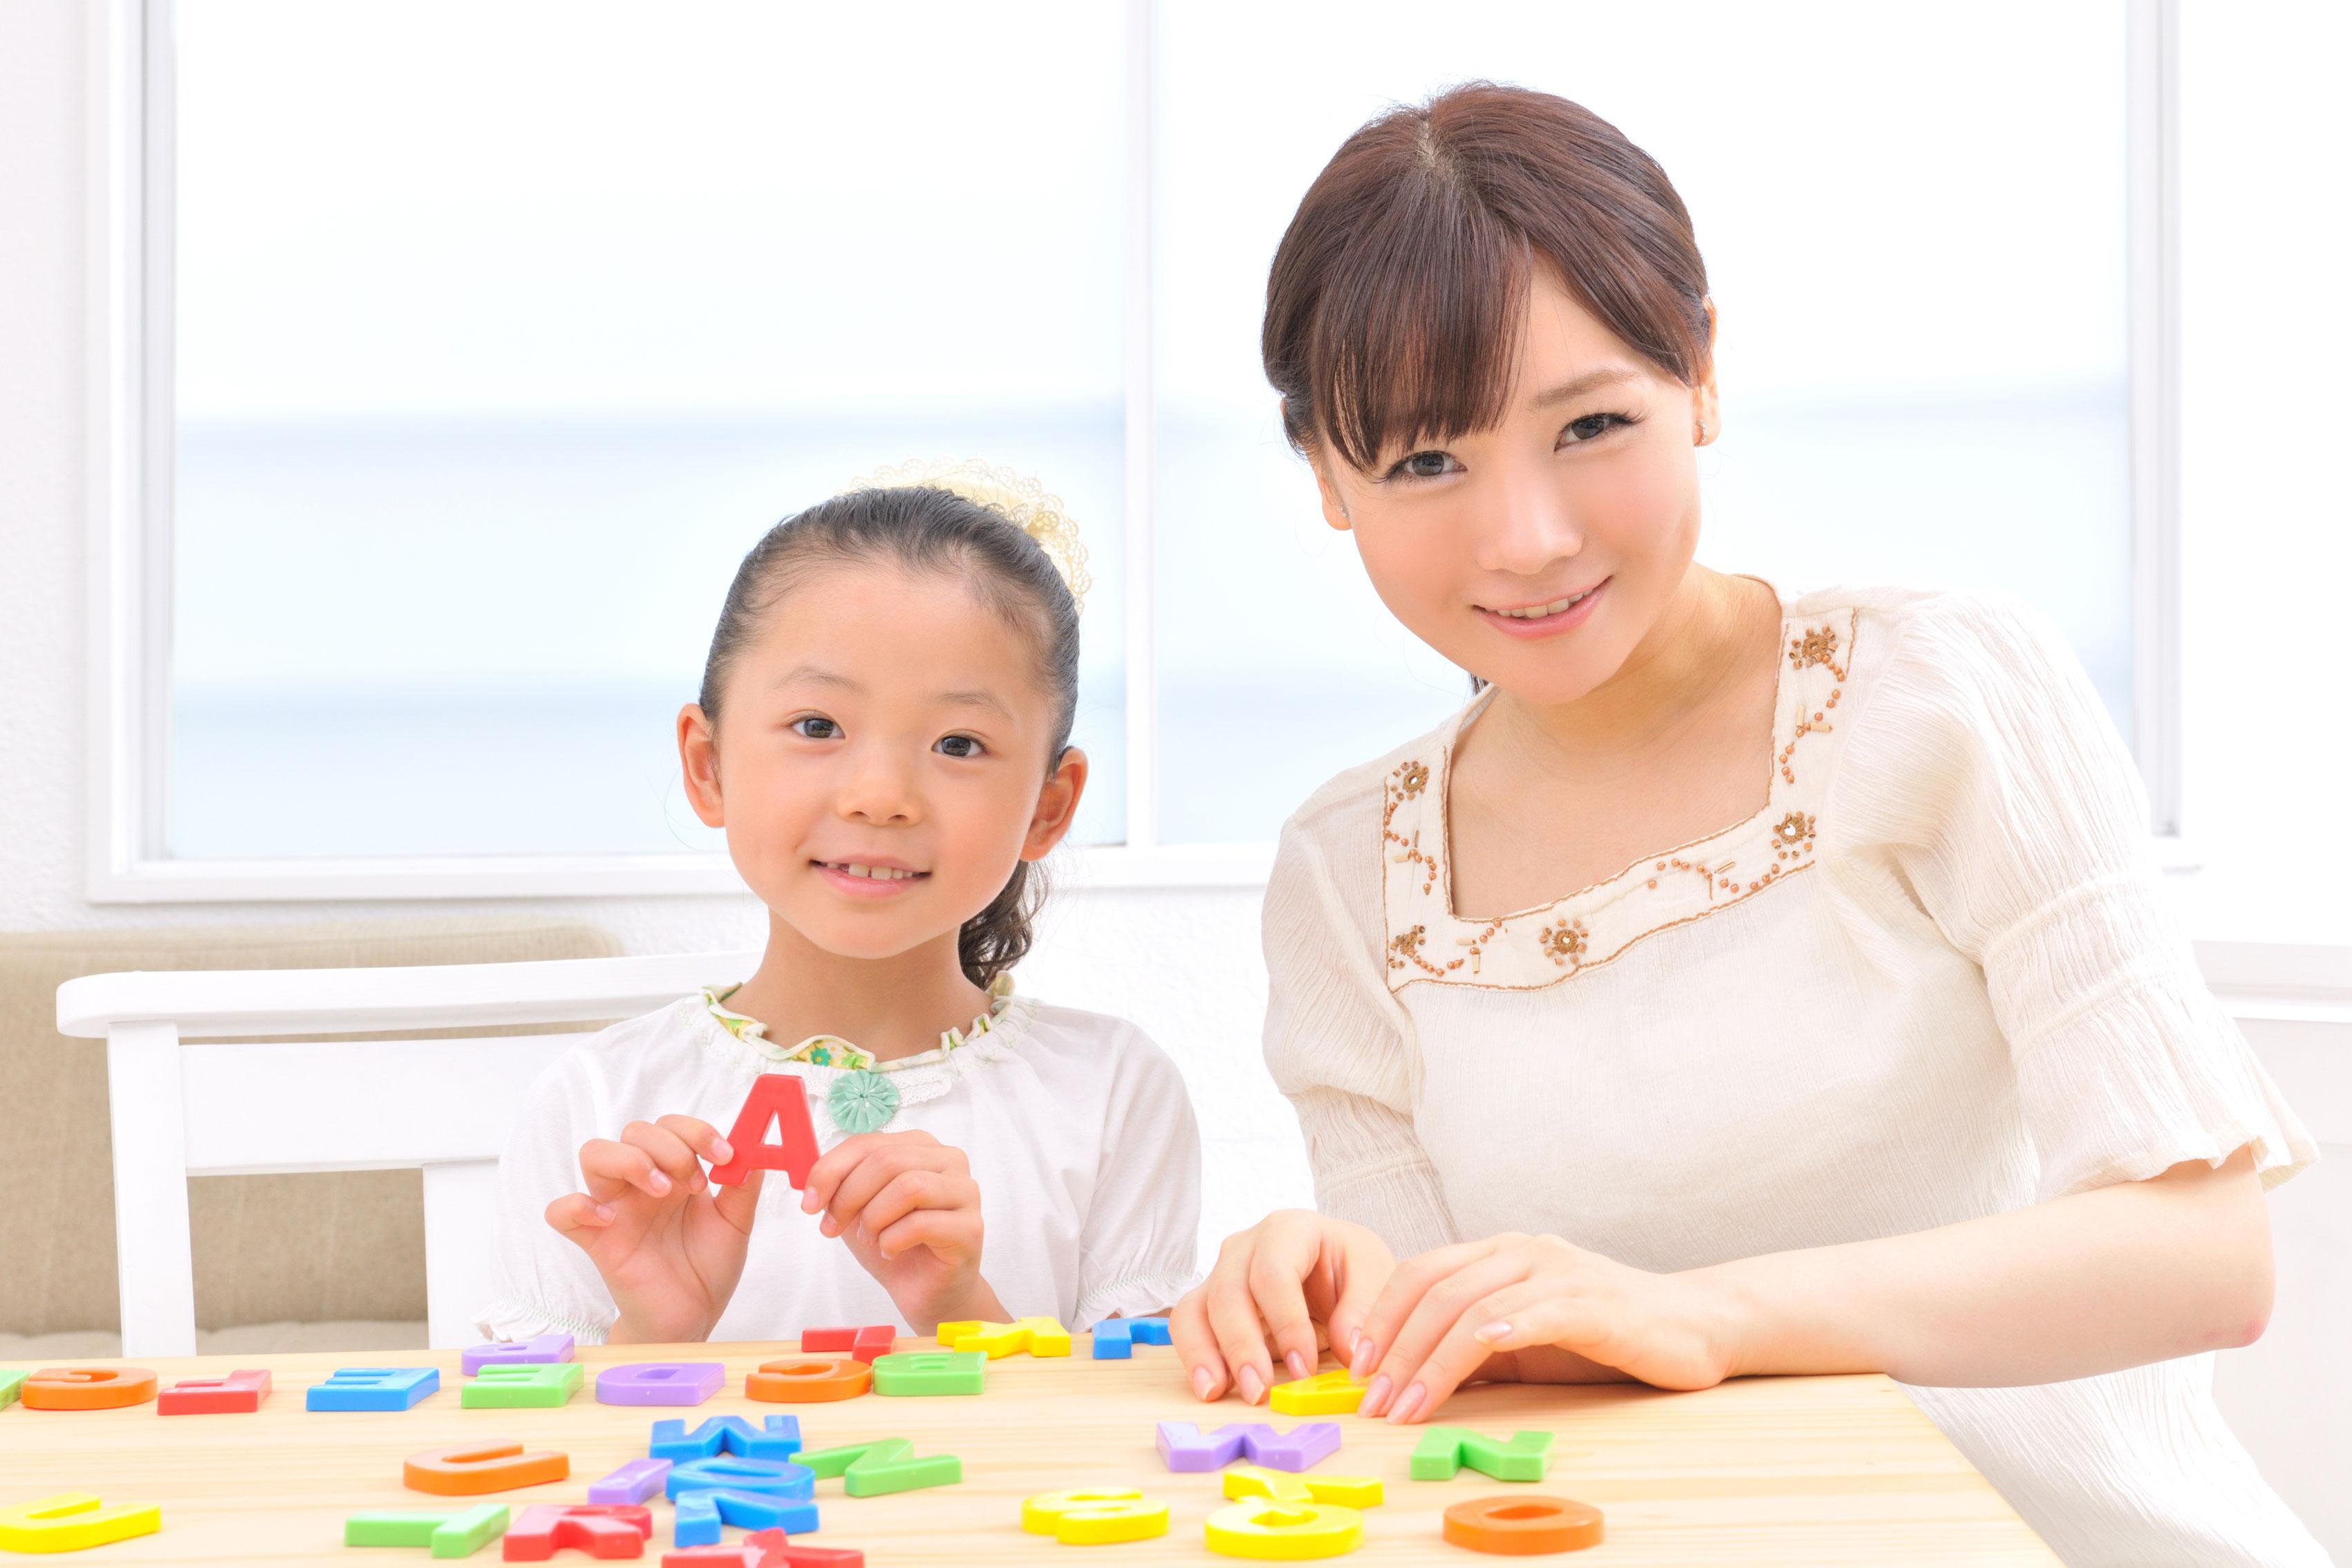 【5歳・6歳】 小学校英語教育に備える幼児期の英語学習!おすすめのご家庭での教え方と教材